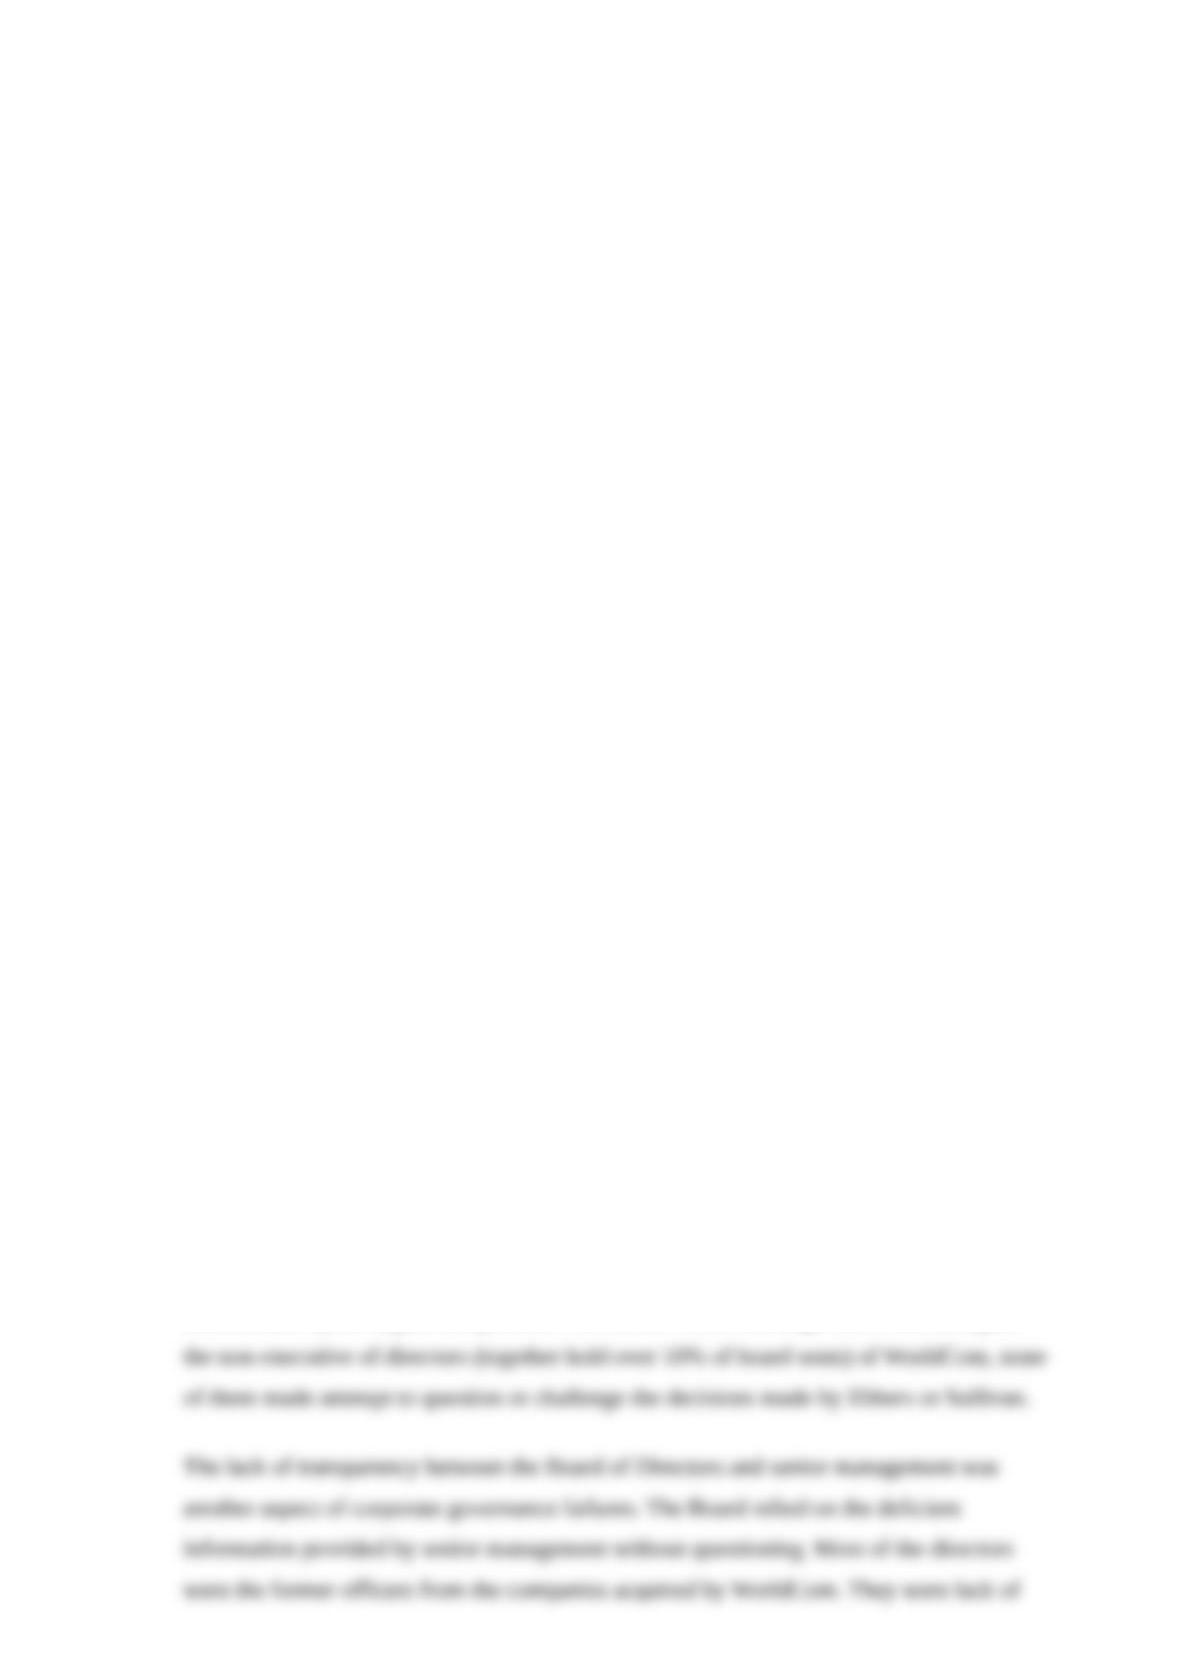 Eric zencey thesis on sustainability